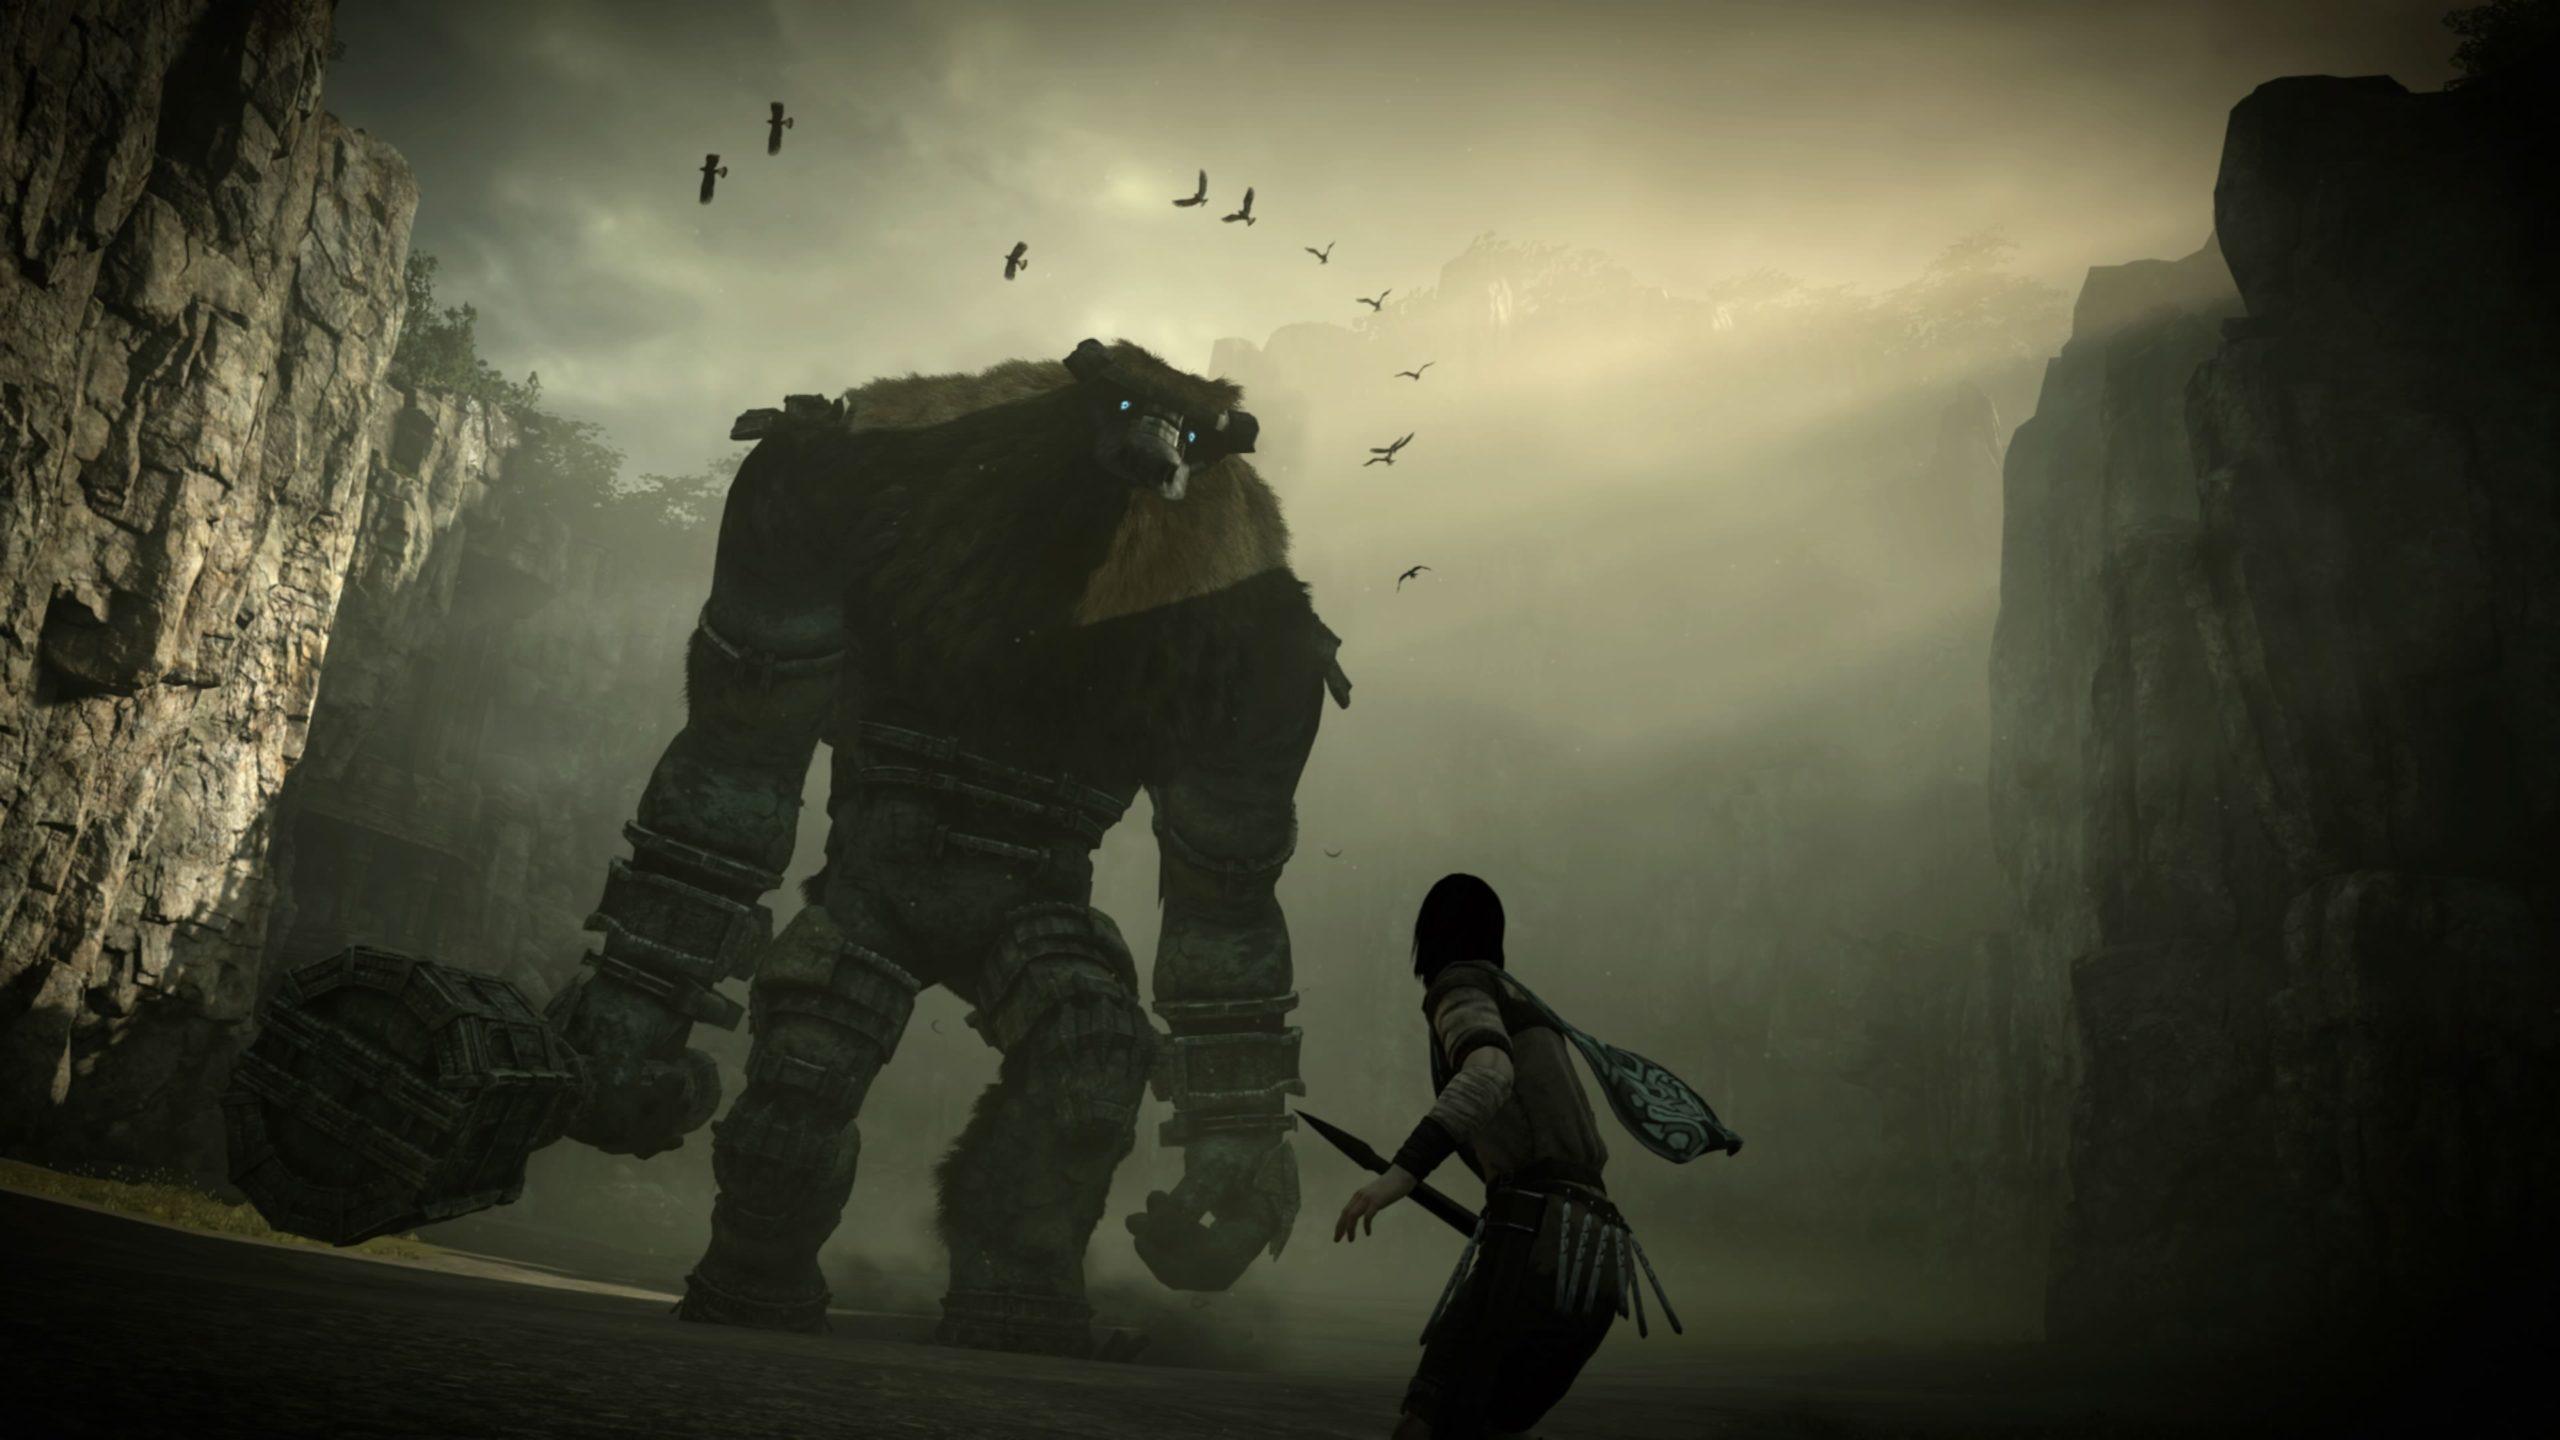 Um gigante parecido com uma montanha segura um porrete na mão direita e está prestes a enfrentar um humano, que segura uma lança. A cena do jogo é escuro e sombreada, vemos apenas o contorno dos personagens, sem muitos detalhes